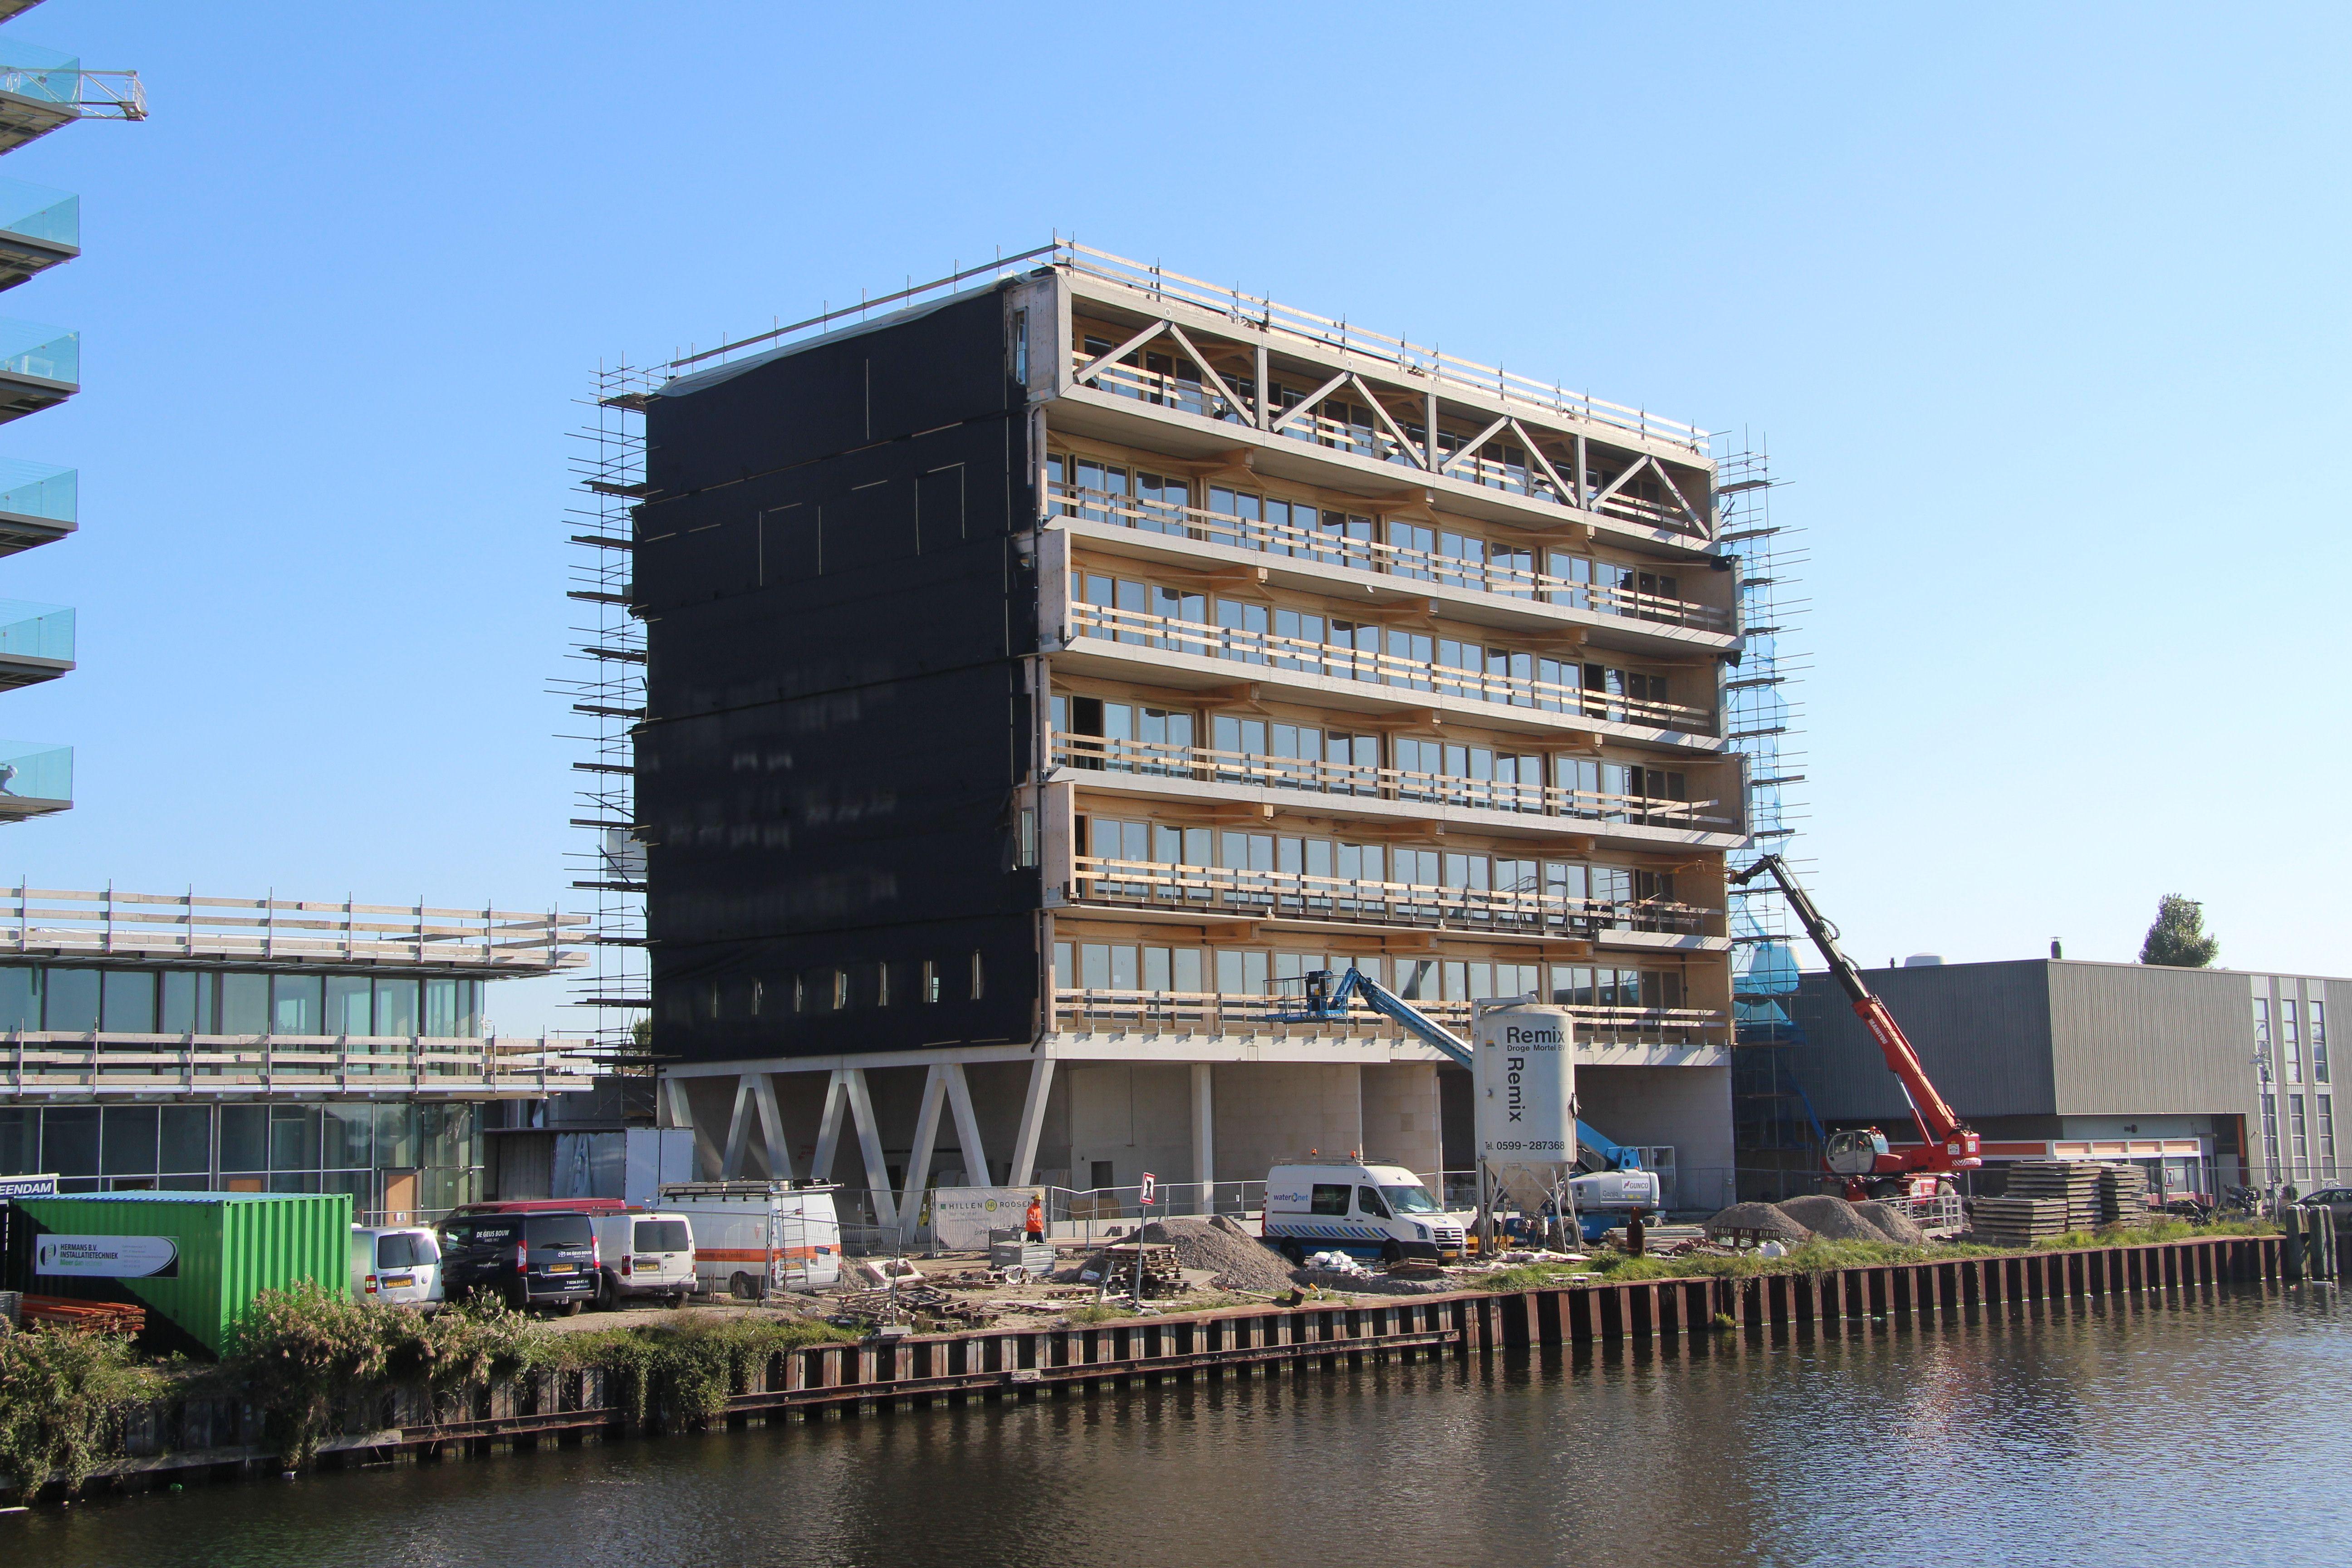 Puur vanwege het benodigde gewicht is de onderste bouwlaag uitgevoerd in beton met kalkzandsteen.